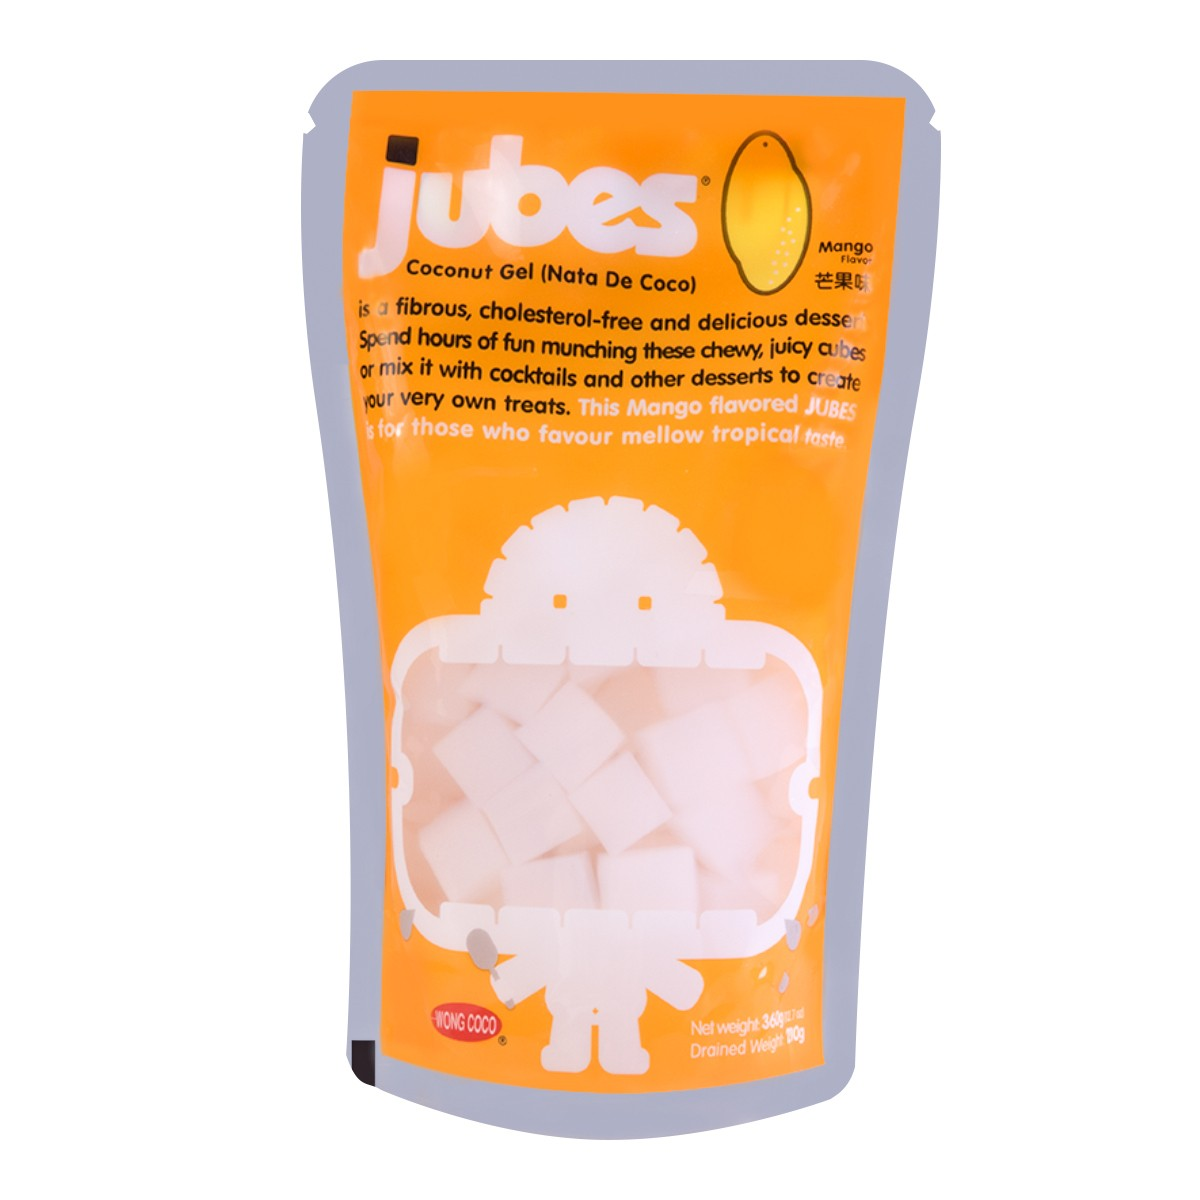 印尼 WONG COCO JUBES 椰果粒  芒果口味 360g